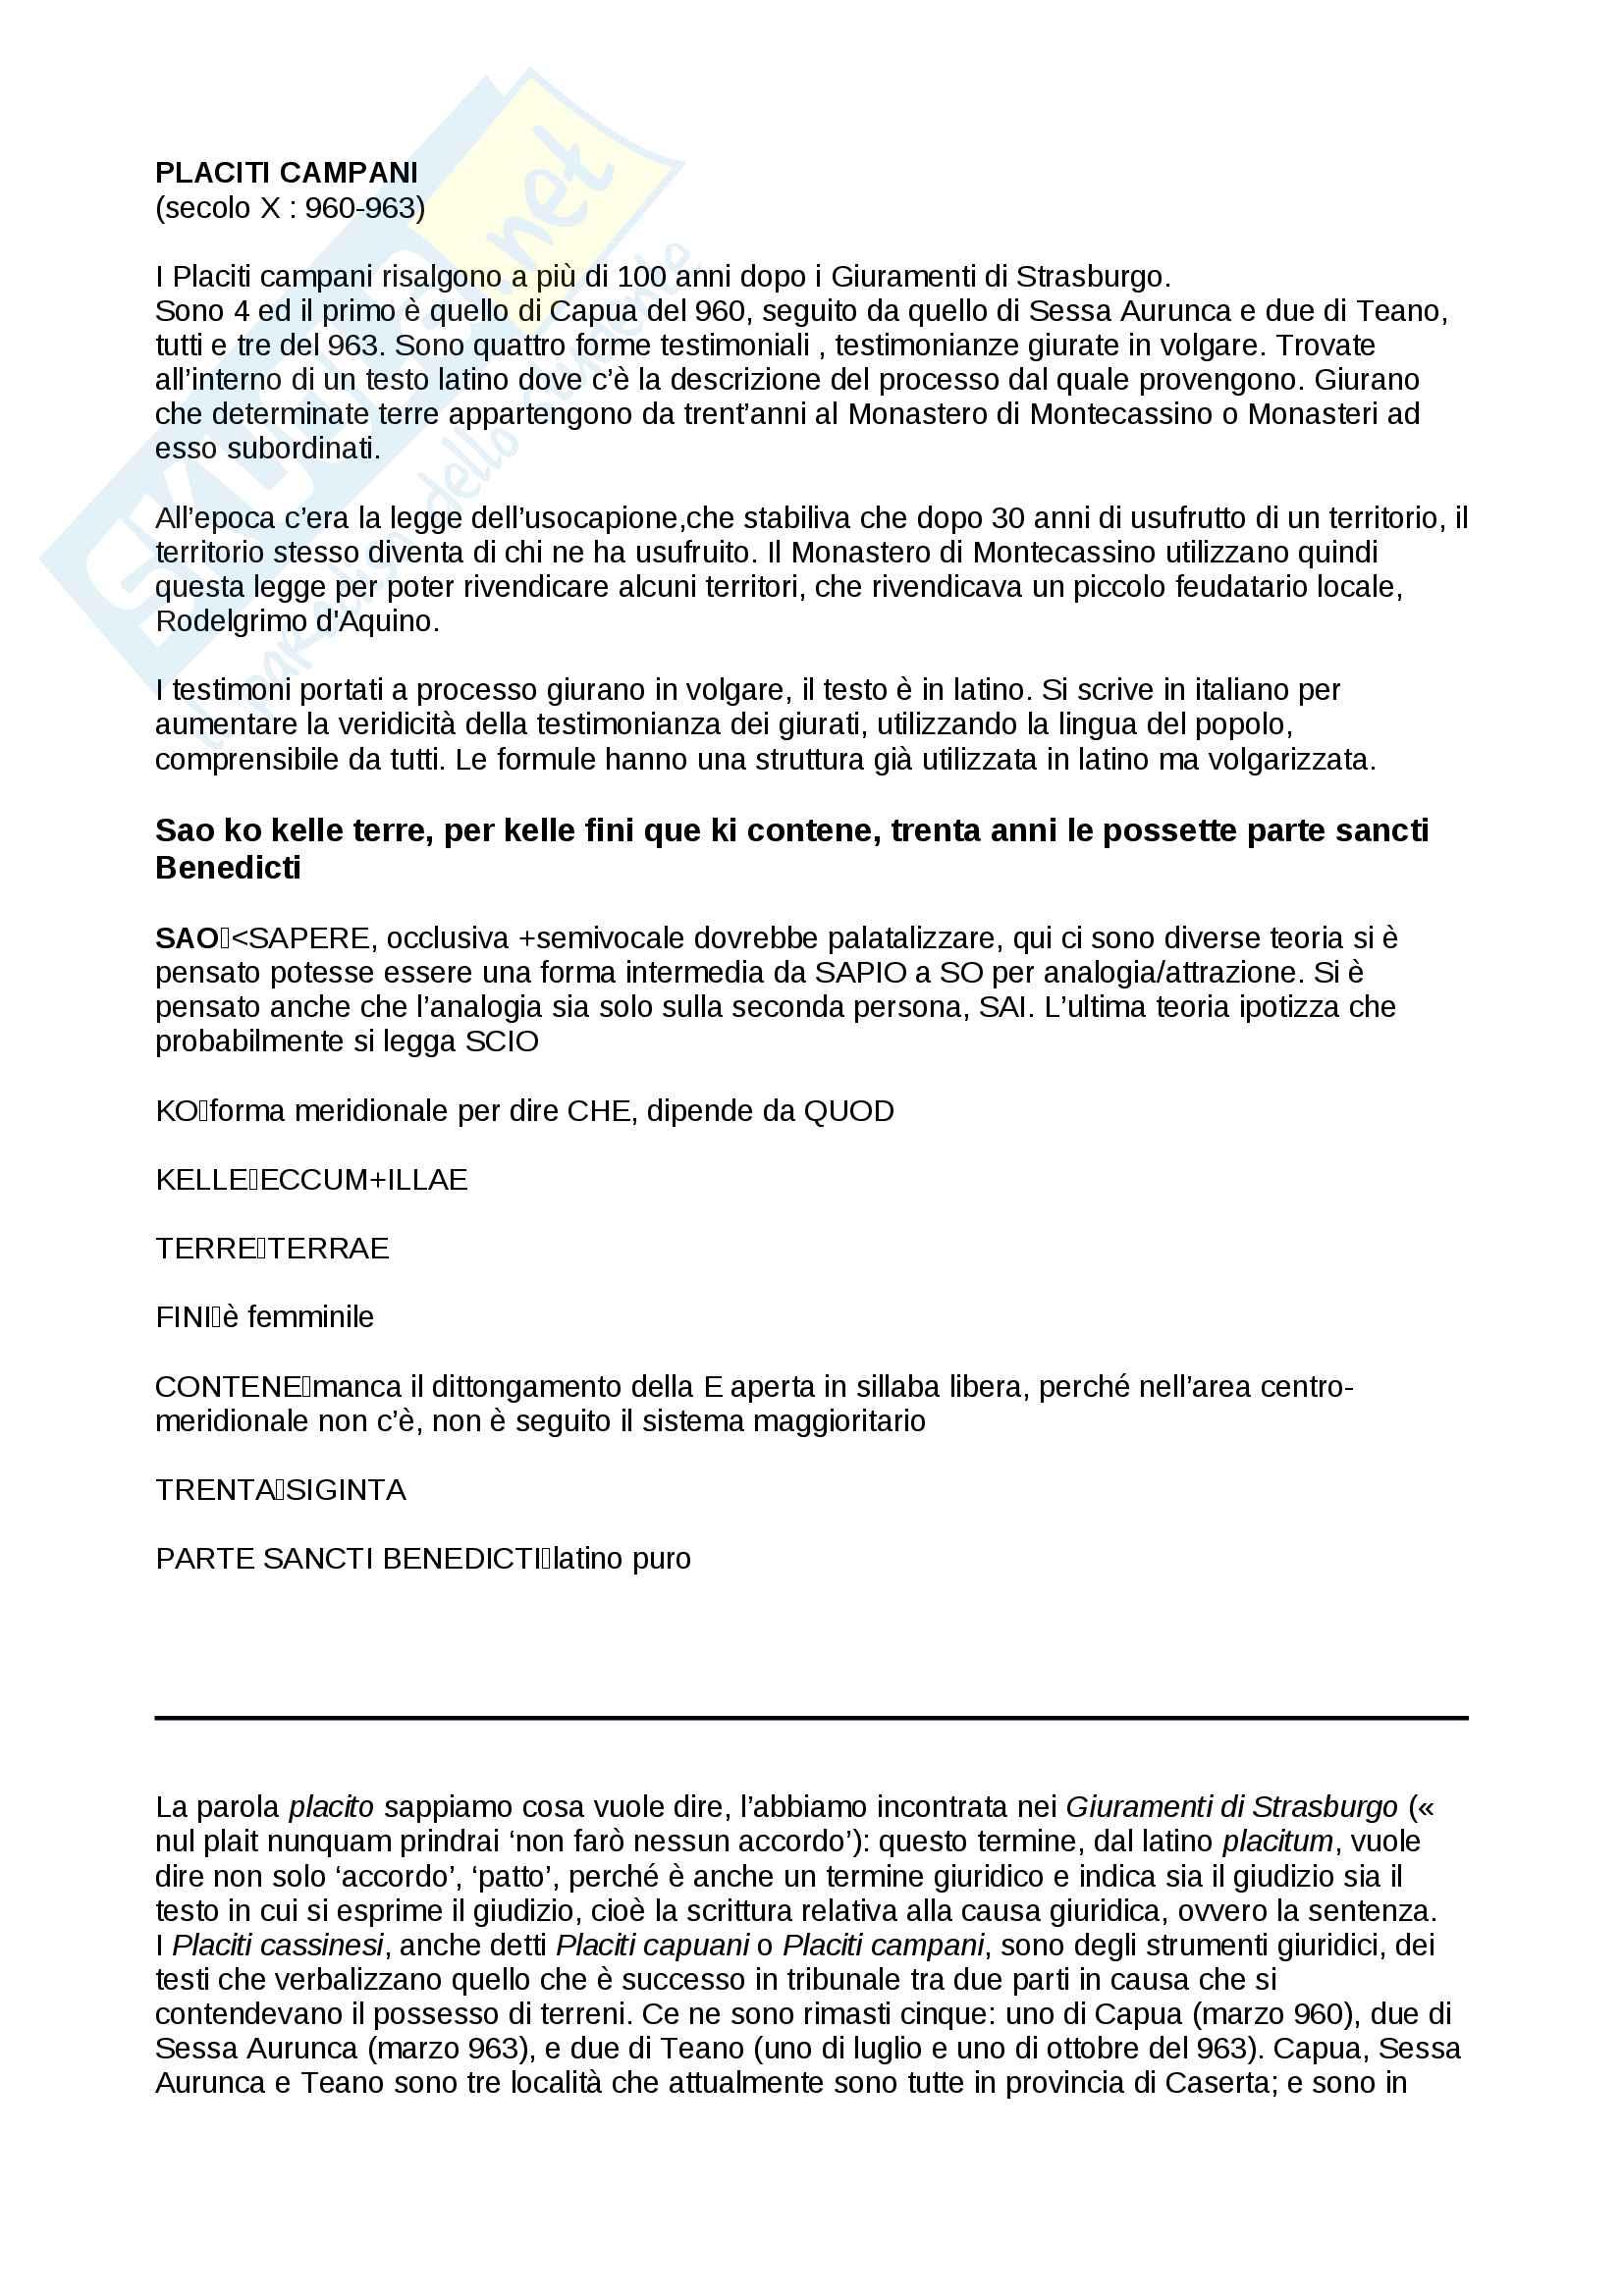 Placiti Campani - contesto storico e analisi linguistica